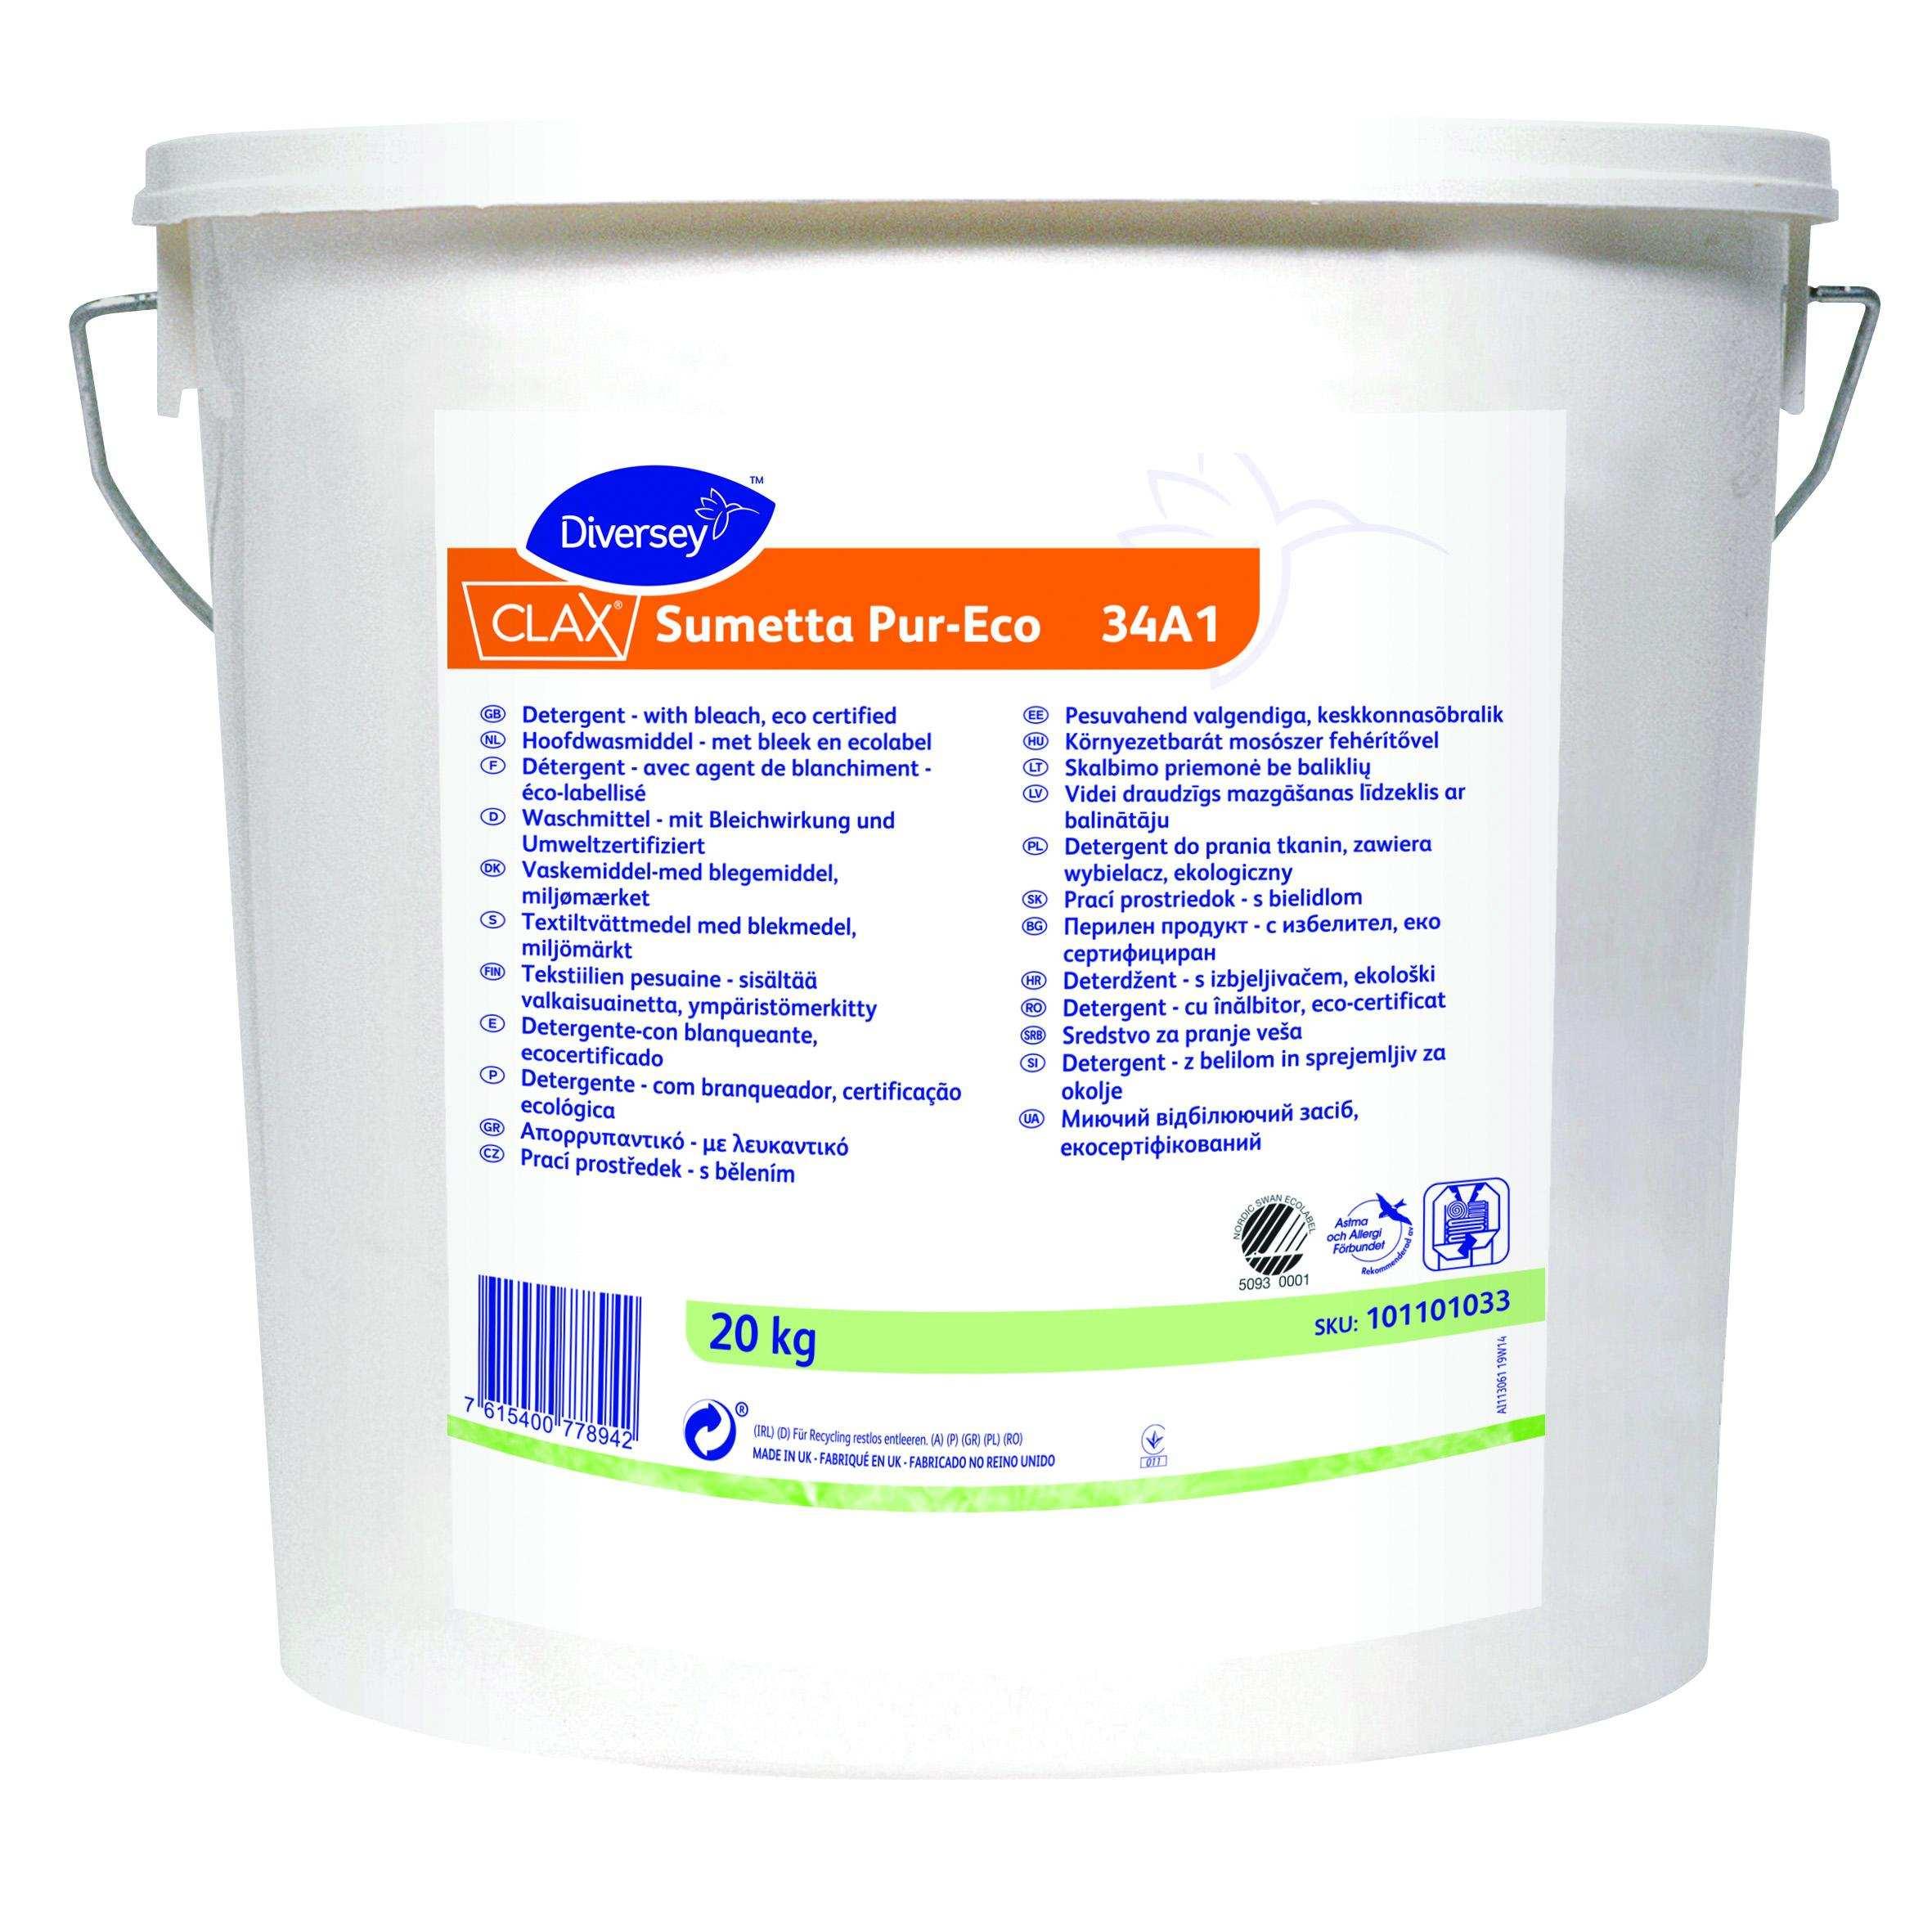 101101033-CLax-Sumetta-Pur-eco-20kg-CMYK-20x20cm.jpg